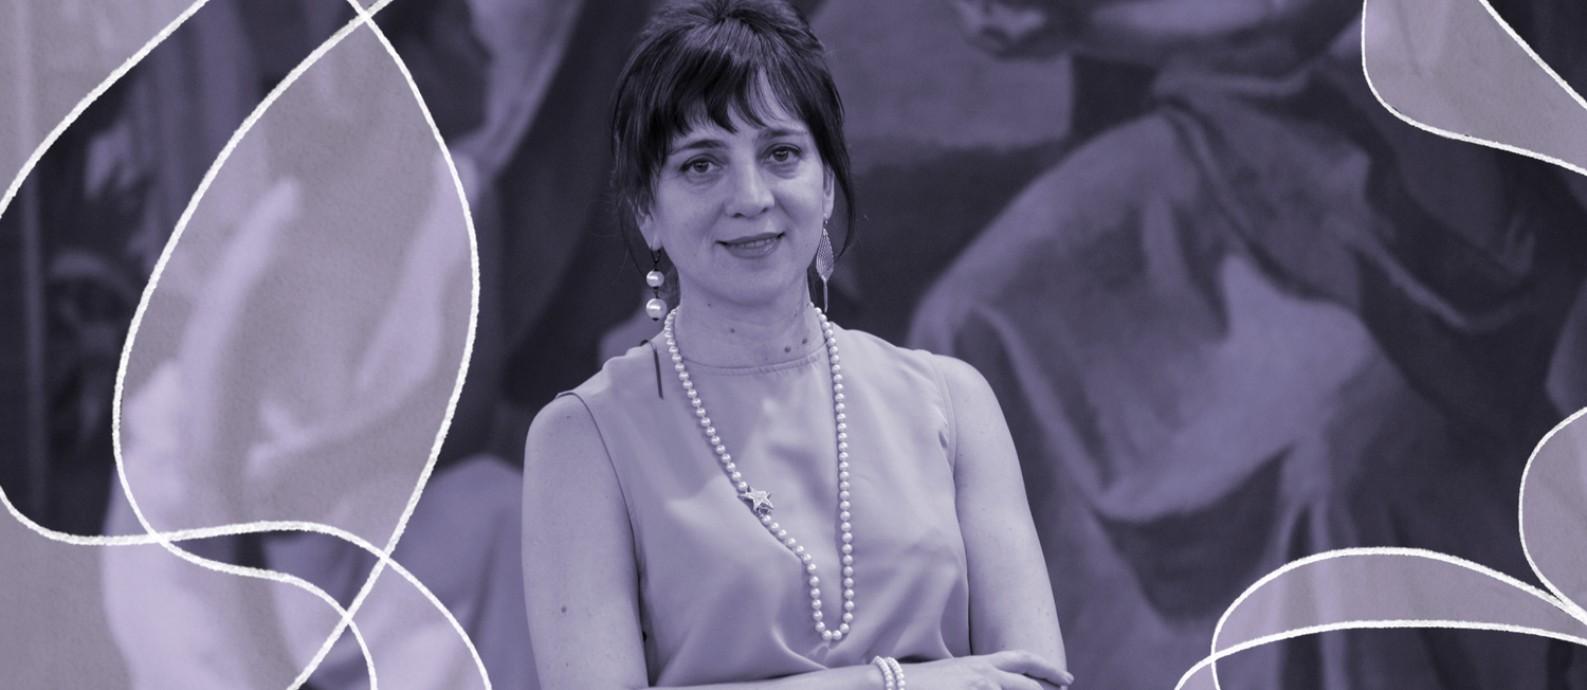 A economista Mercedes D'Alessandro é autora de um livro sobre economia feminista (ainda inédito no Brasil) e, neste ano, assumiu o cargo de diretora nacional de Economia, Igualdade e Gênero do Ministério da Economia argentino Foto: Reprodução/Twitter